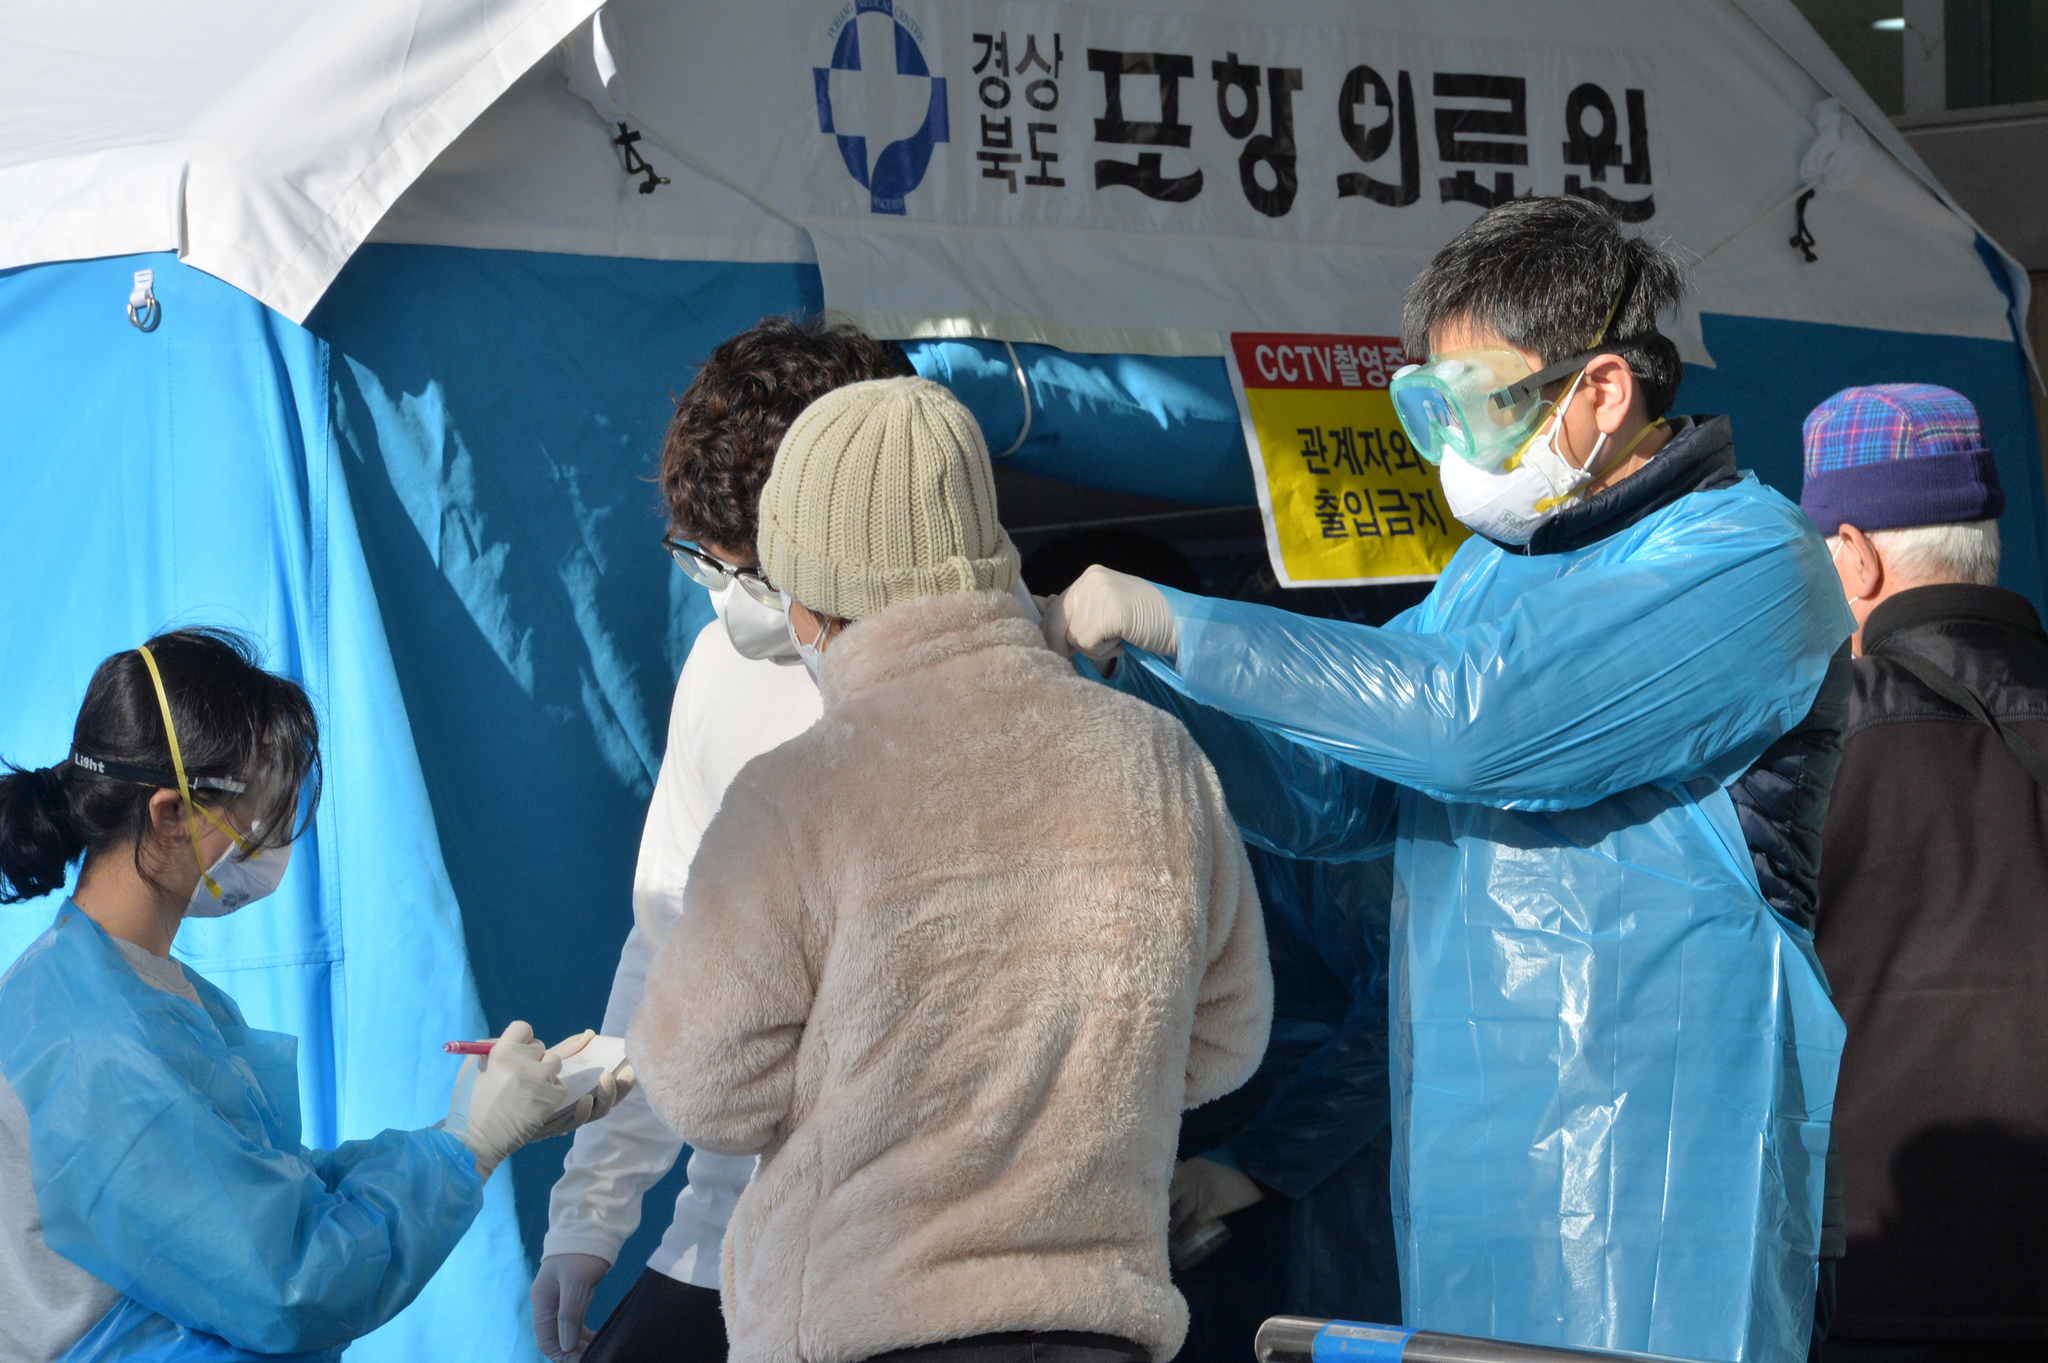 24일 경북도지정 의료원인 포항의료원에서 의료진이 선별진료소를 찾은 의심증상 환자들의 체온을 체크하고 있다. [뉴스1]